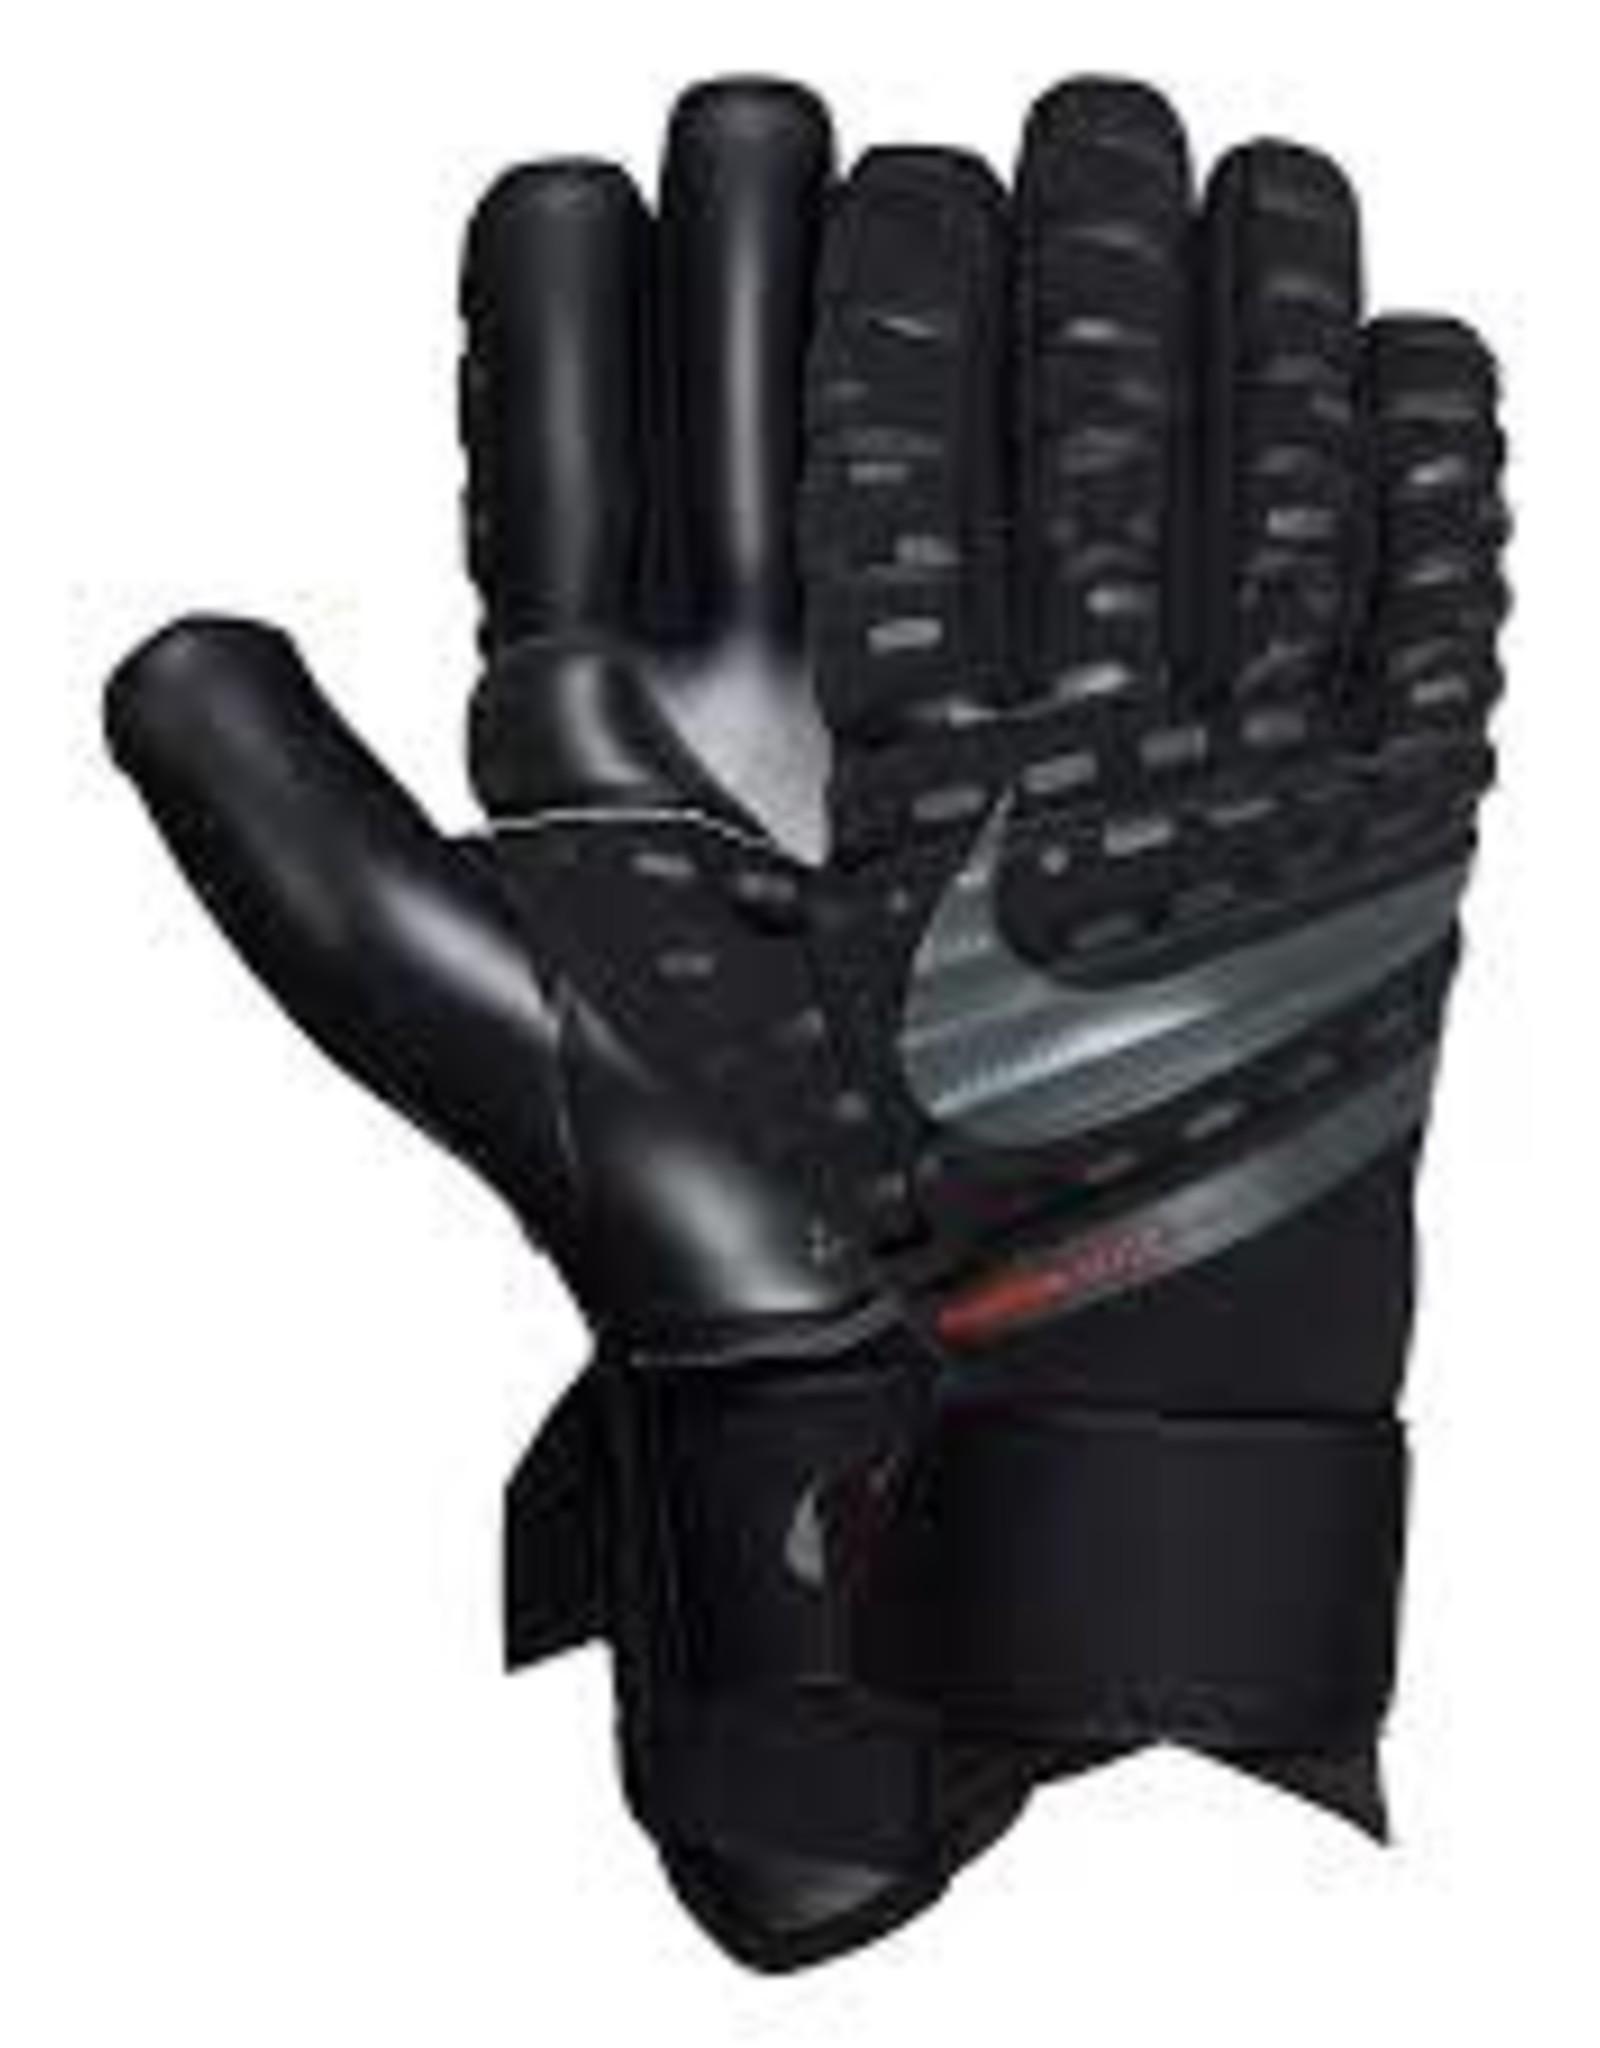 Nike Phantom  elite gloves